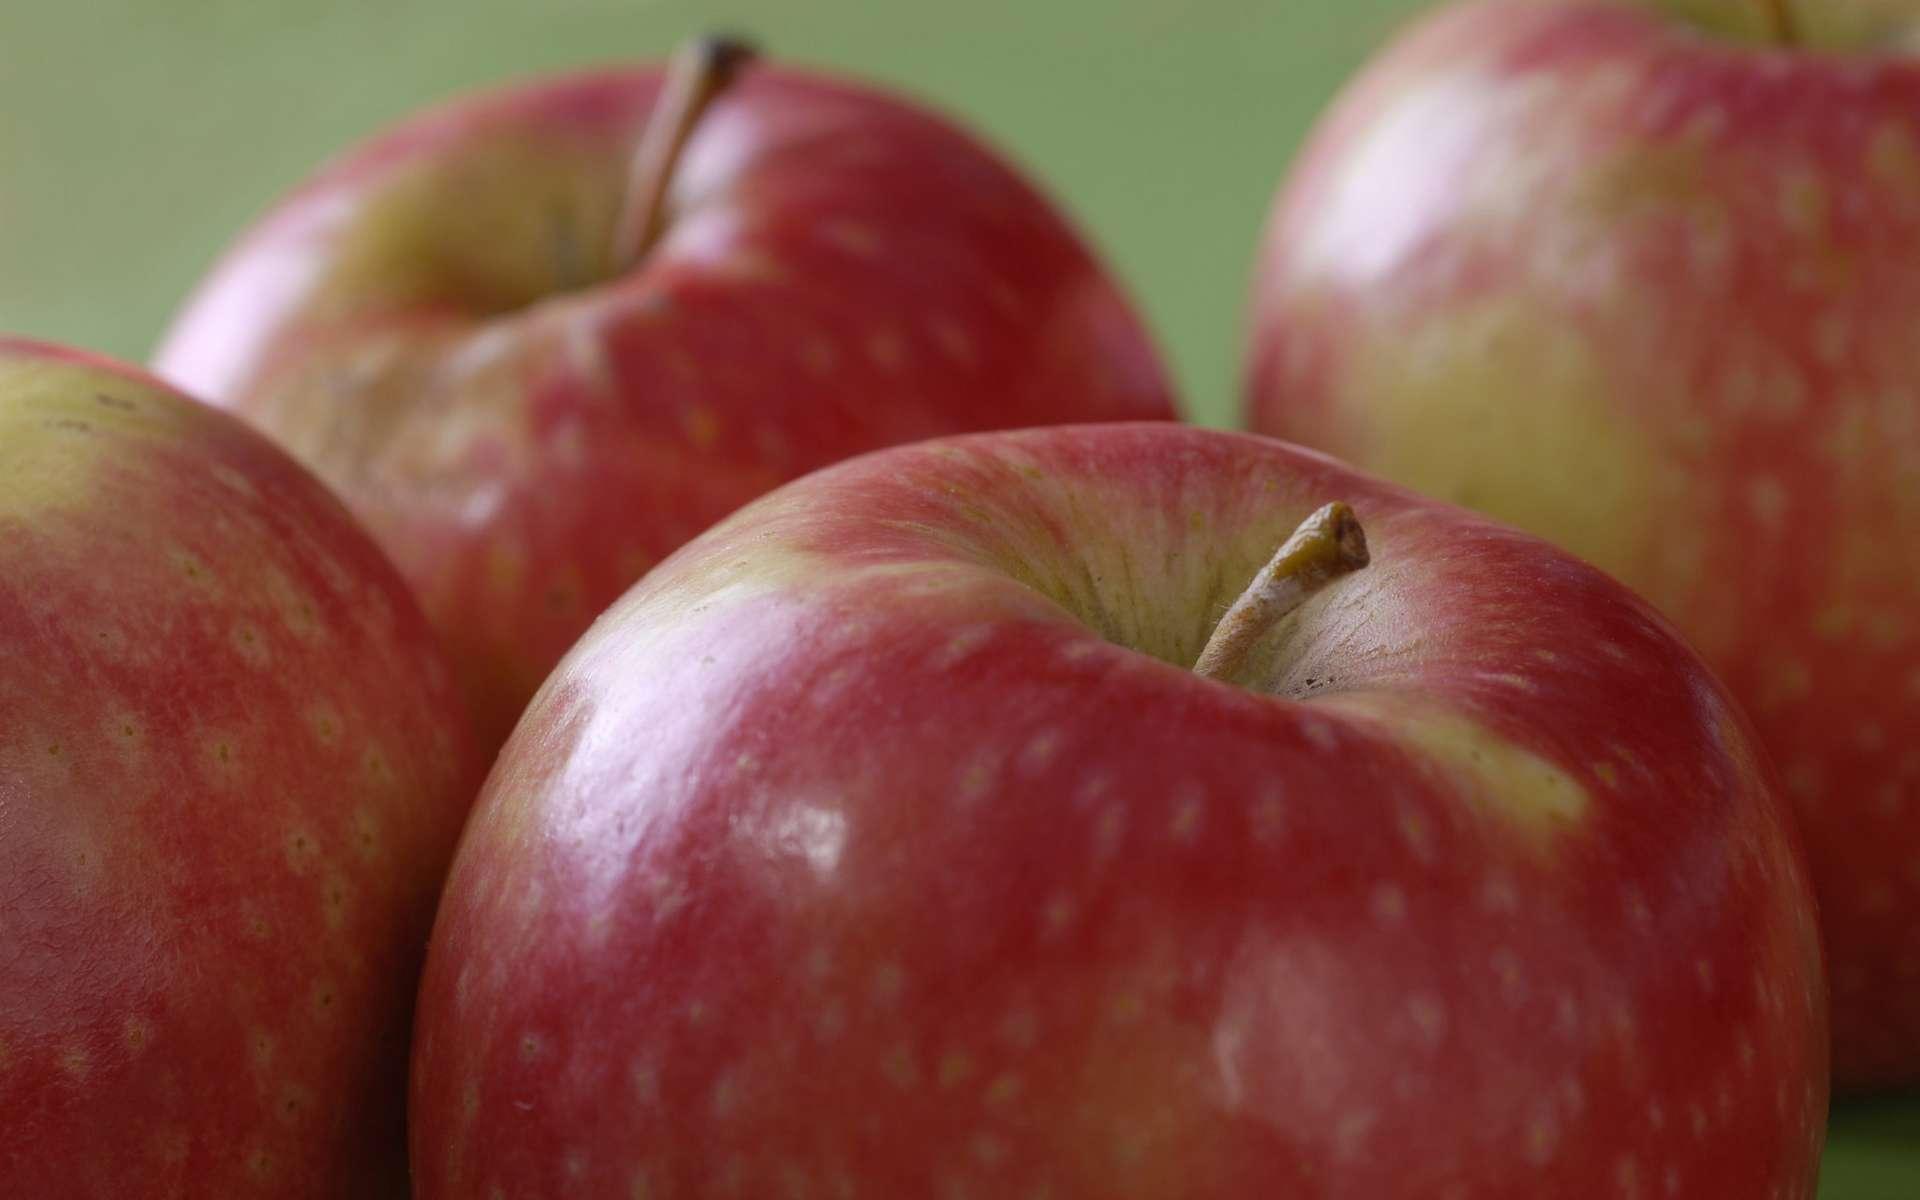 Une pomme contient des millions de bactéries, mais c'est pour notre bien ! © APAL, Flickr